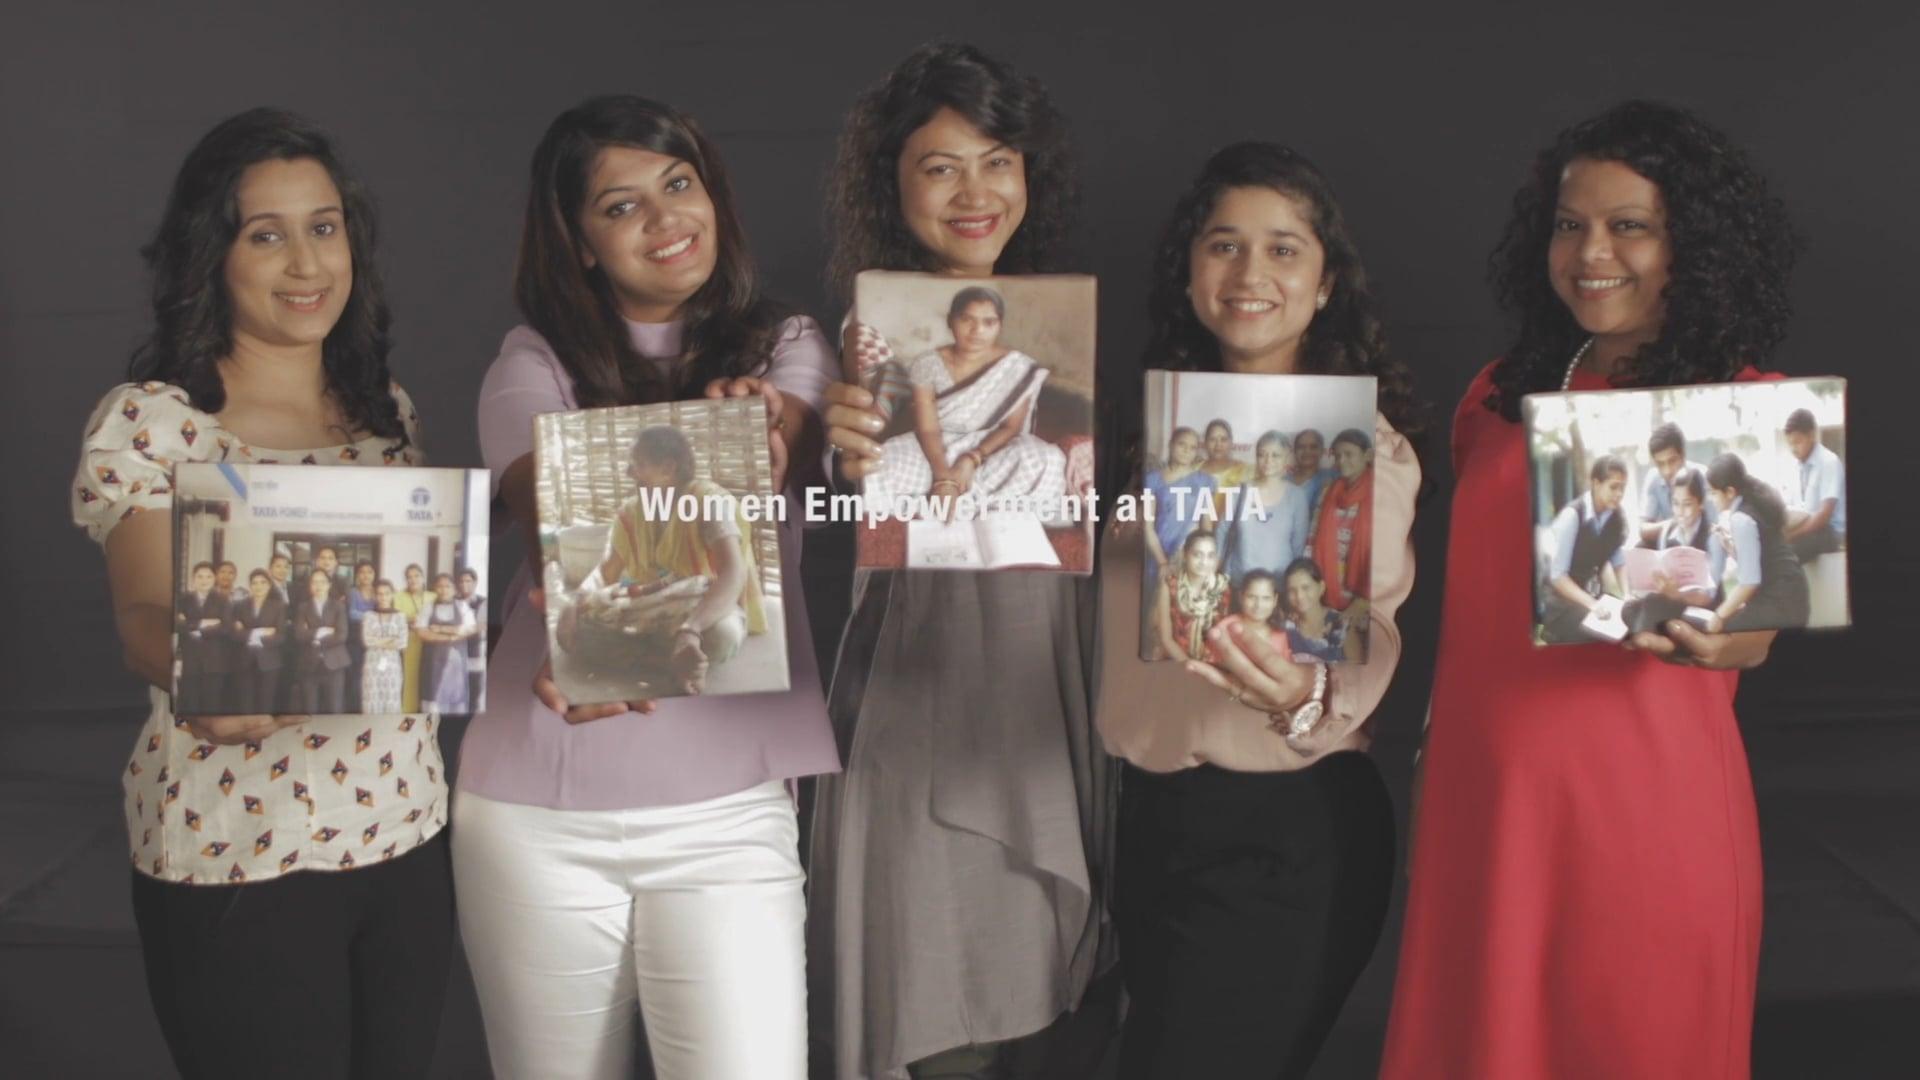 Tata Women Empowerment